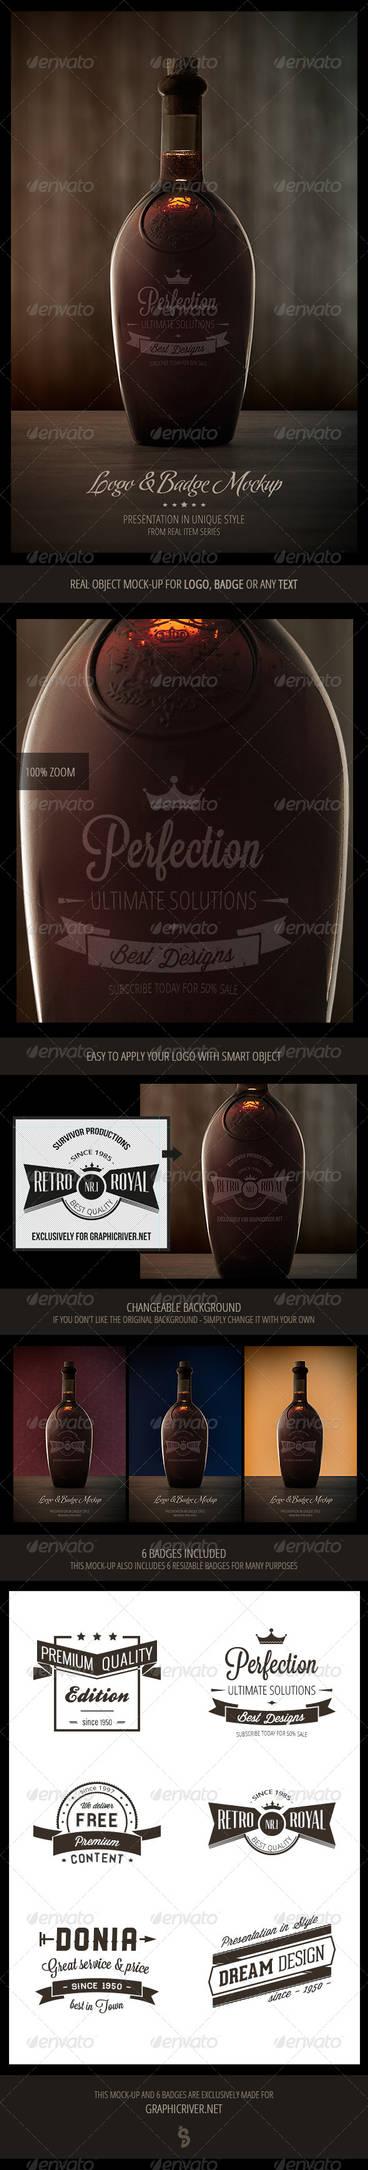 Old Bottle - Logo Mock-up and 6 Retro Badges